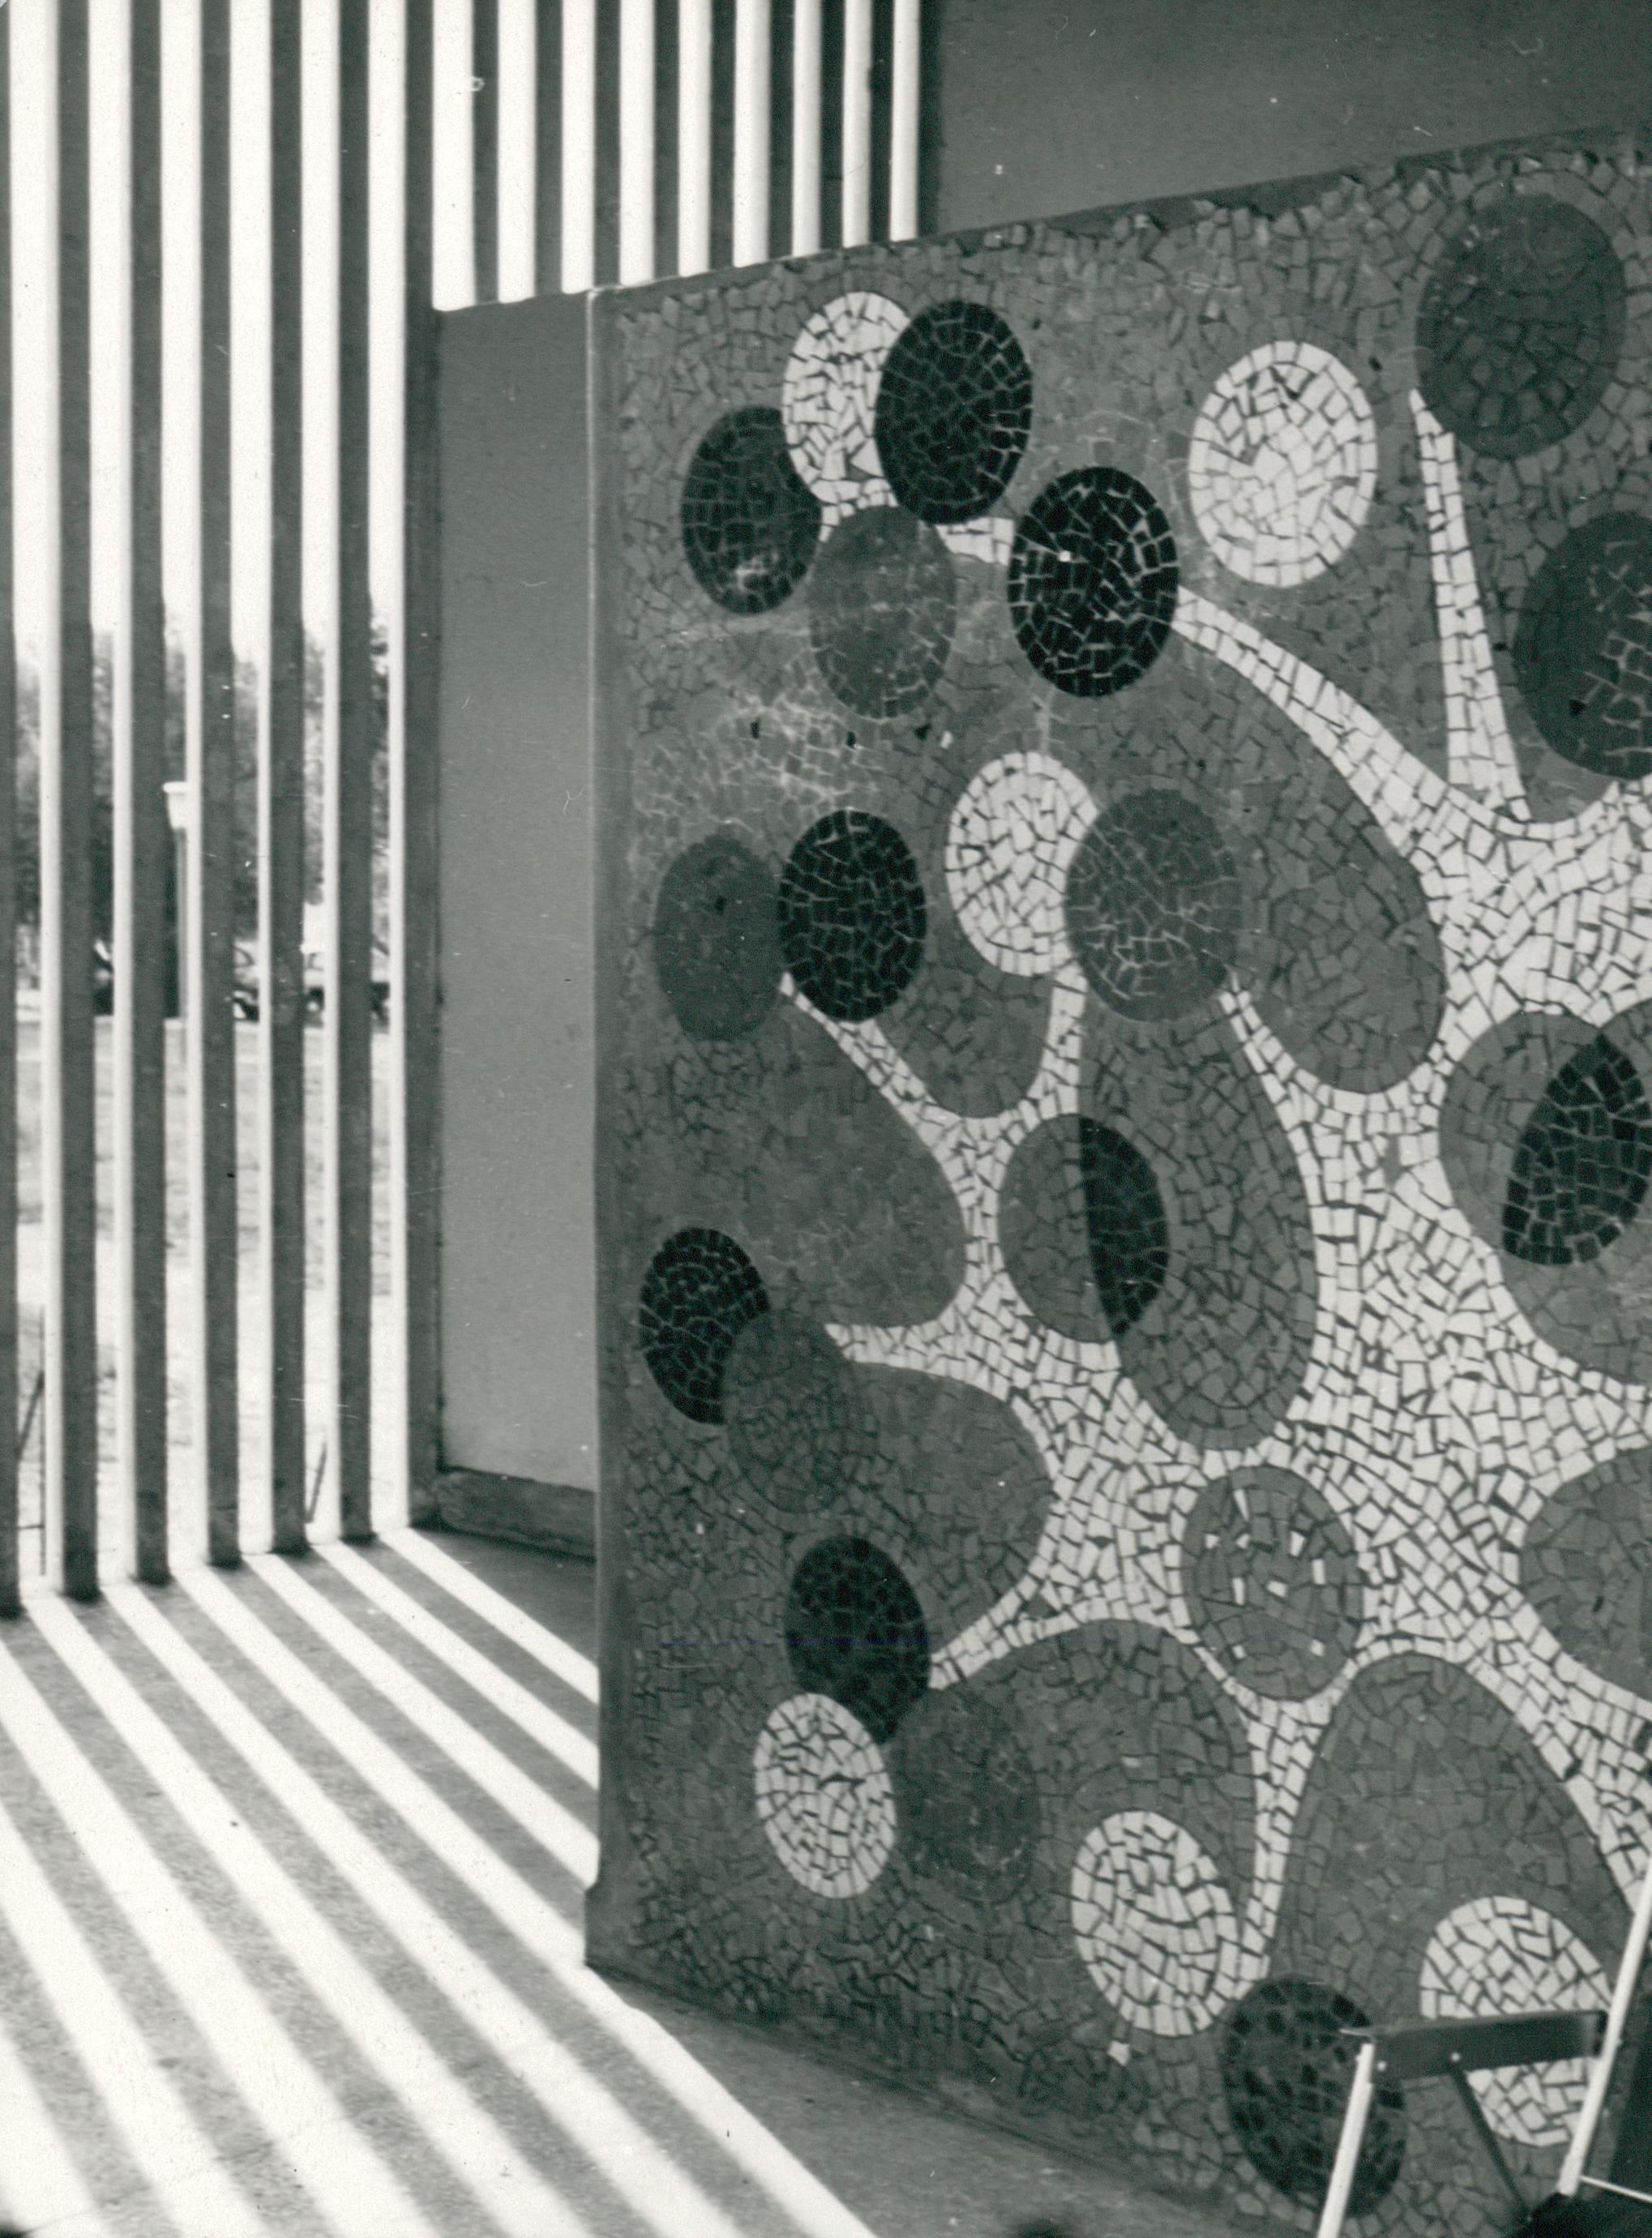 Mozaikdísz egy füredi épületen